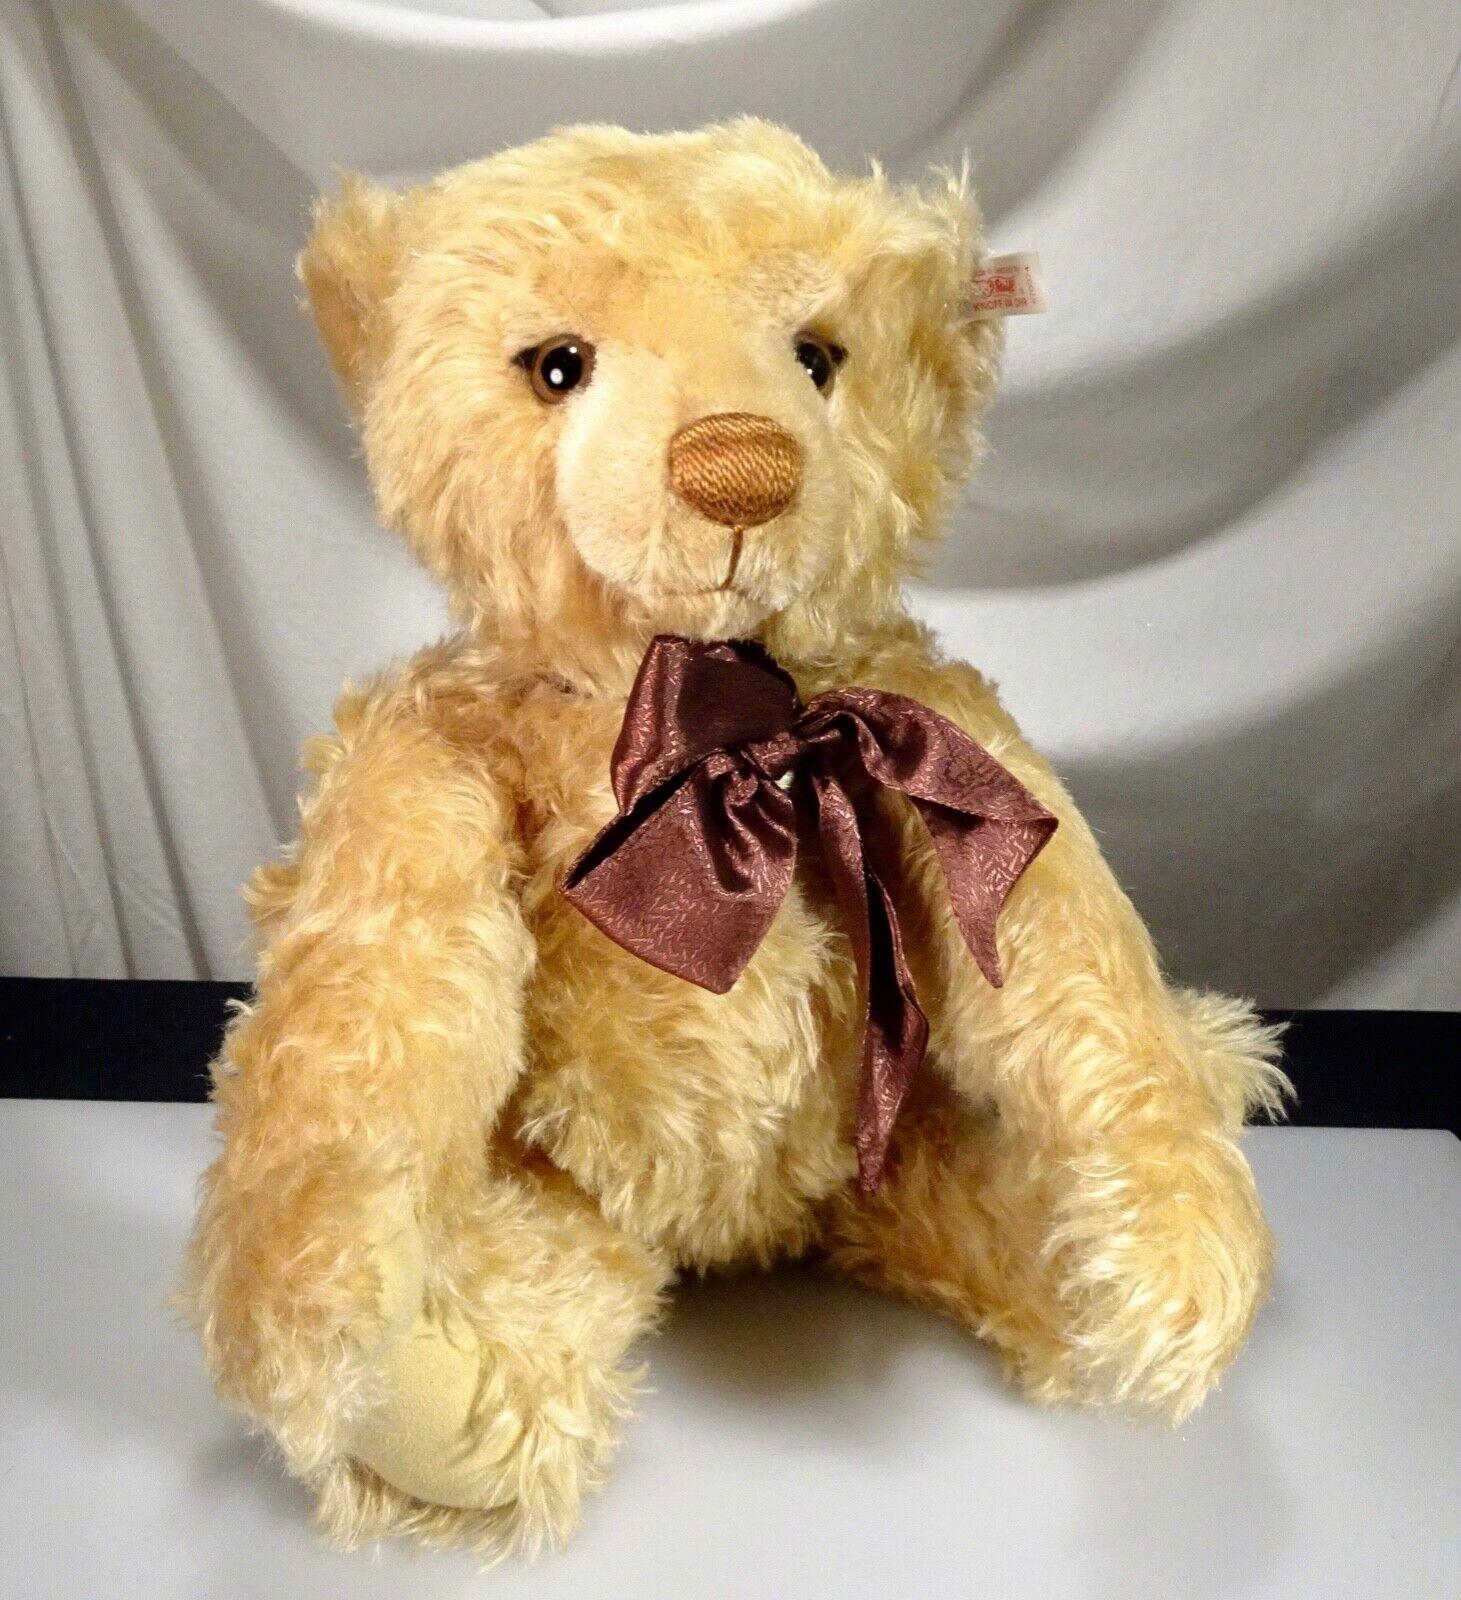 Steiff Millennium Verbunden Mohair Teddybär  670374, Neu - 56481